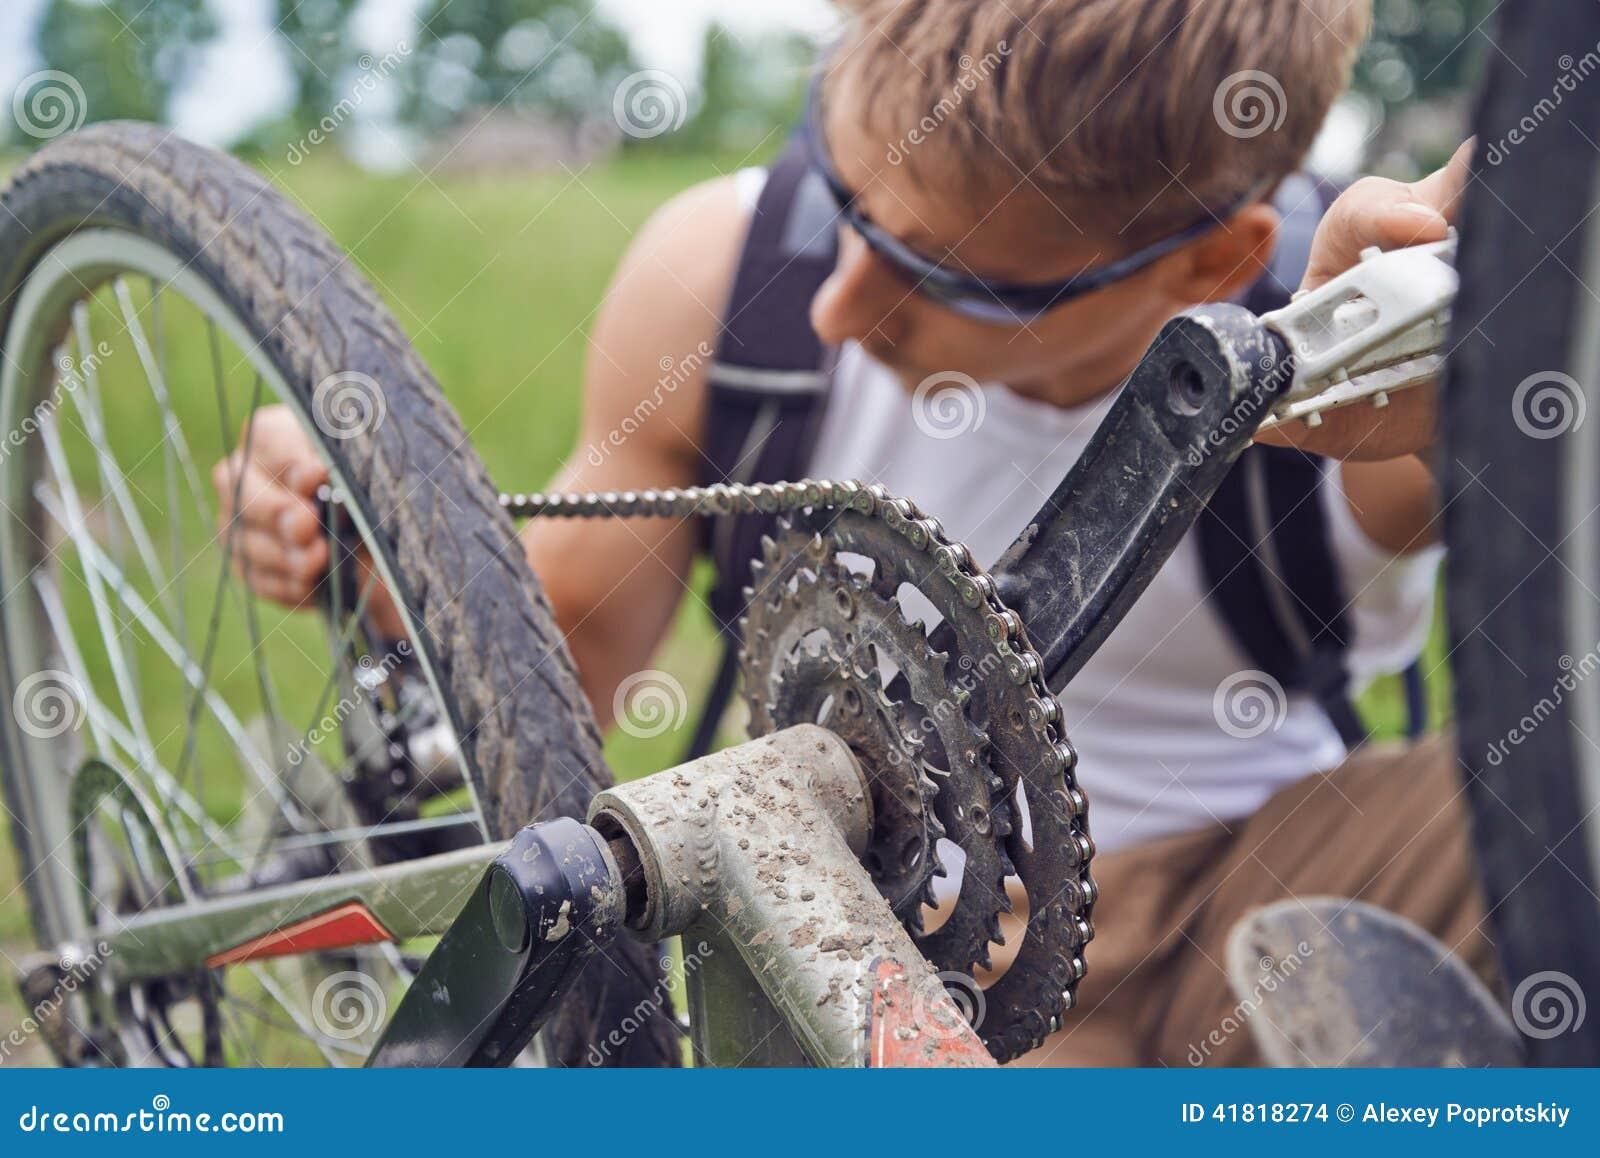 Radfahrermann überprüft Kette